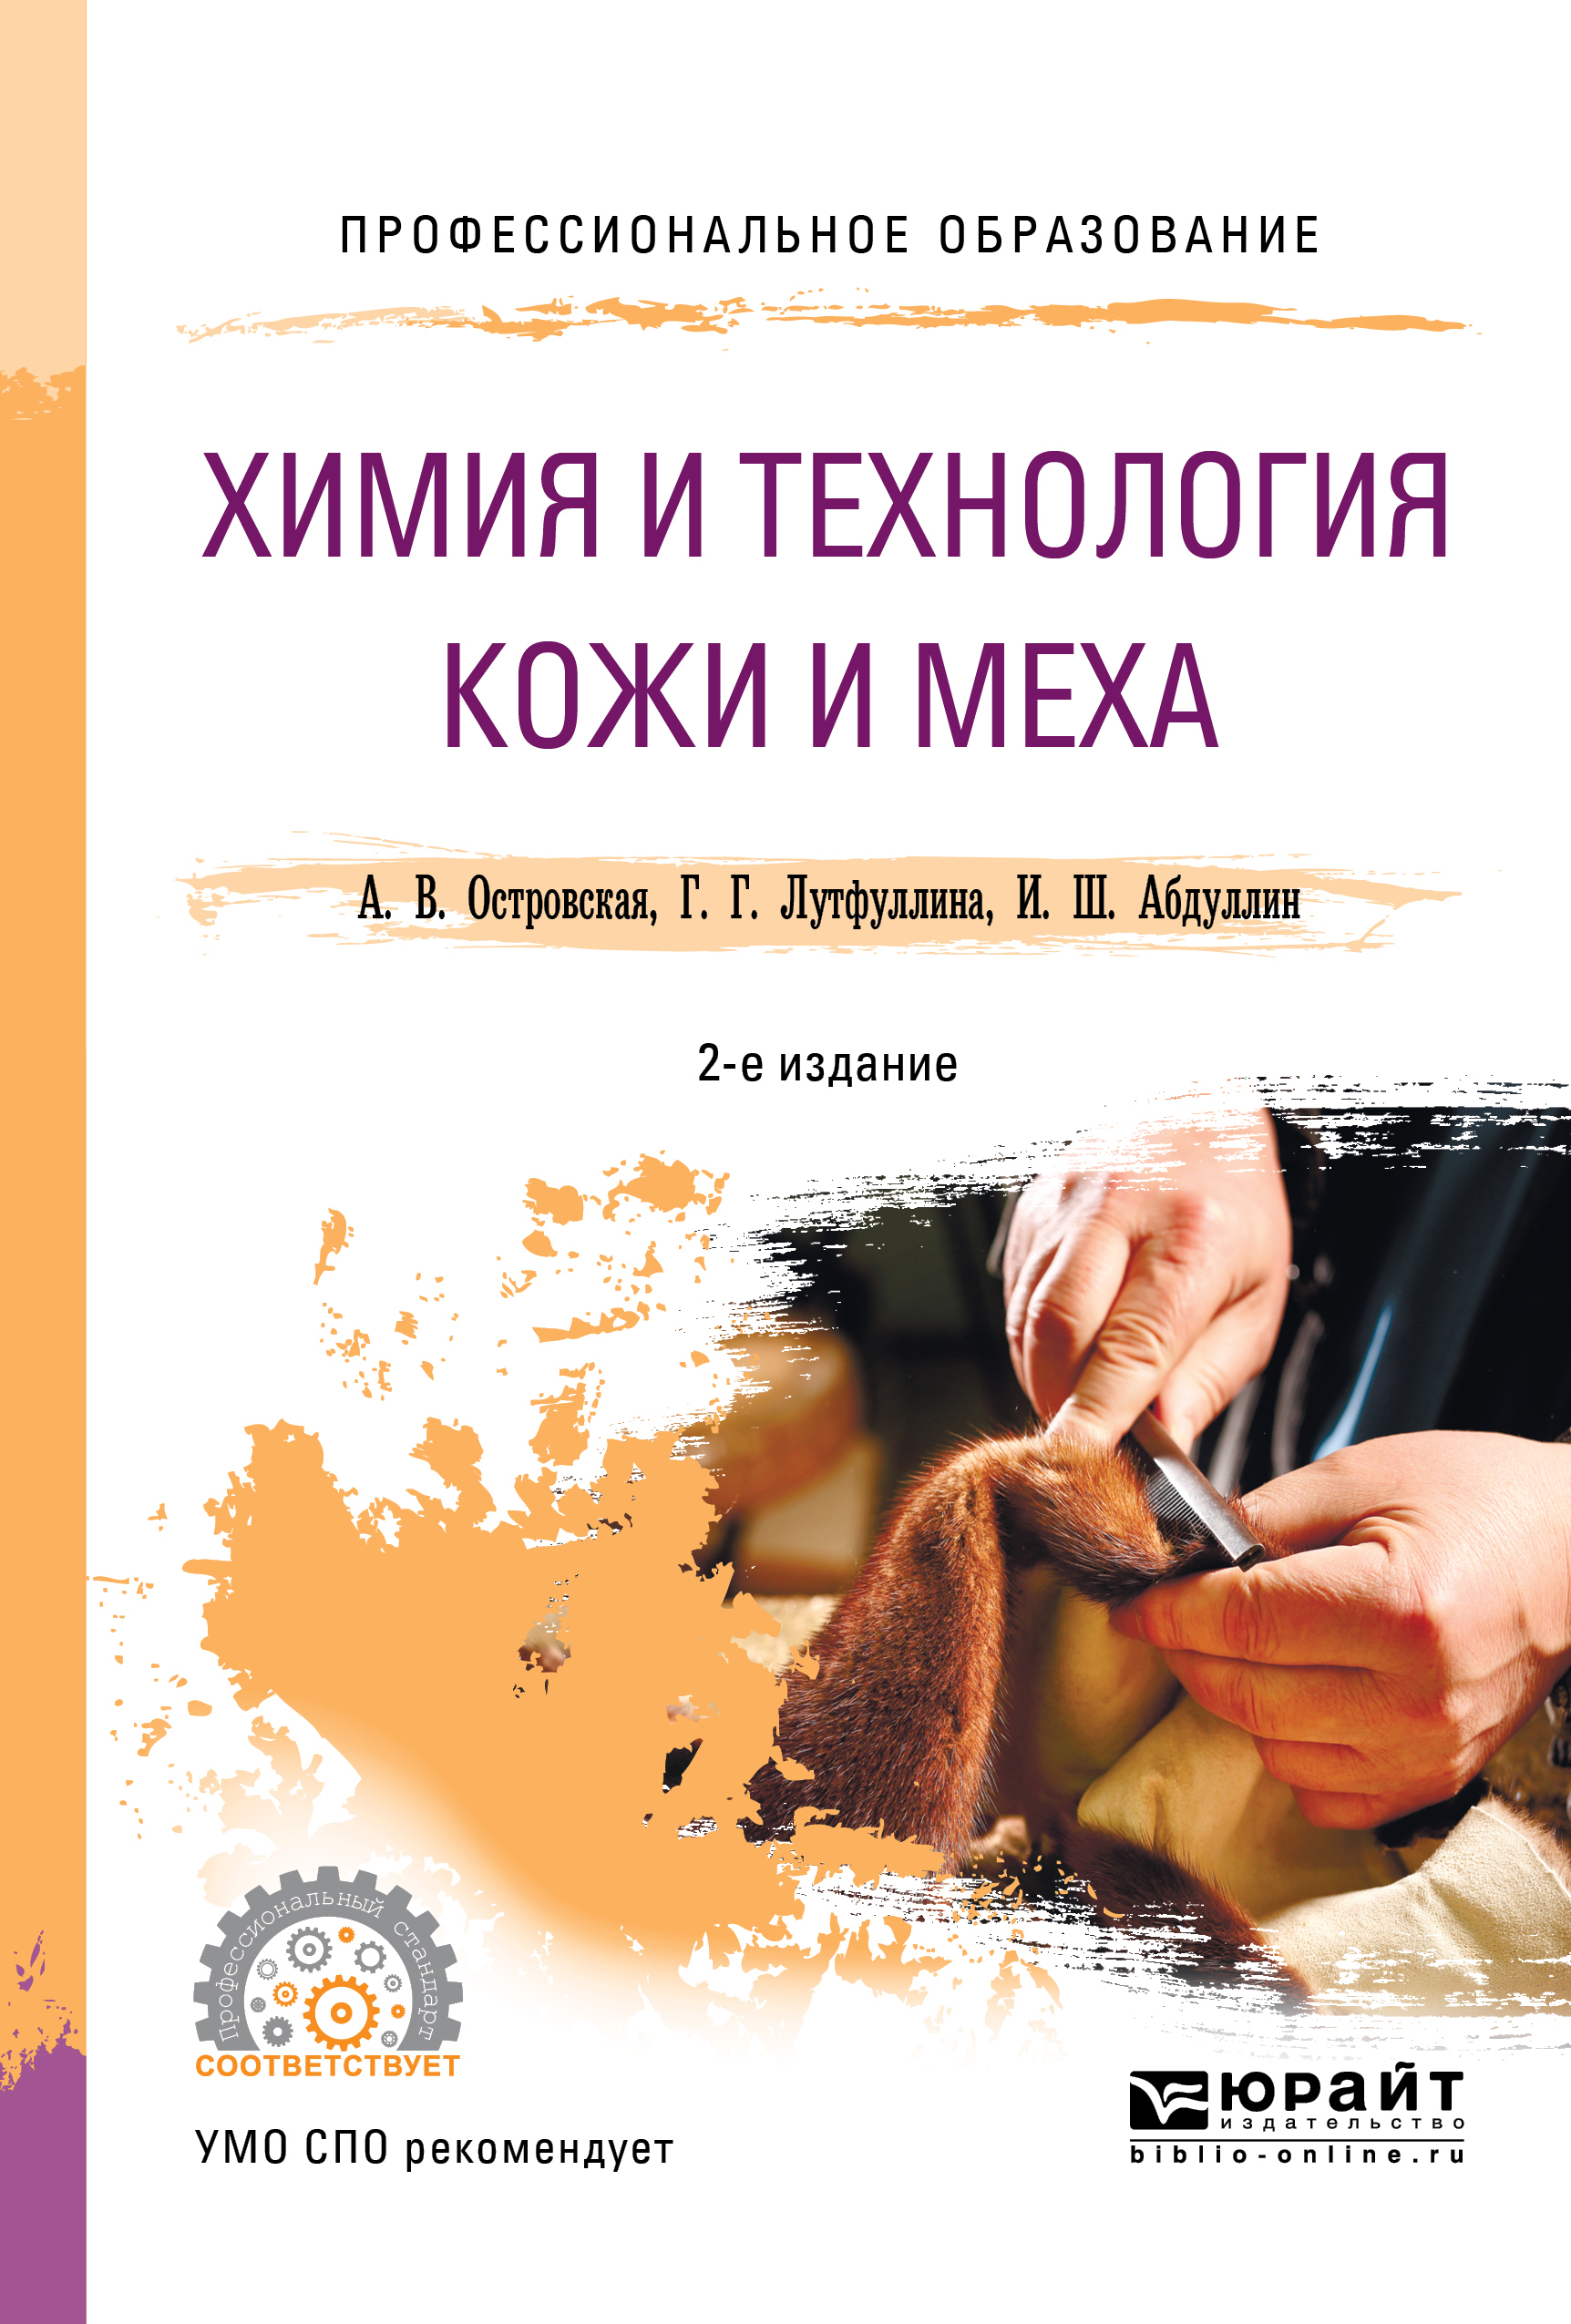 Химия и технология кожи и меха. Учебное пособие для СПО